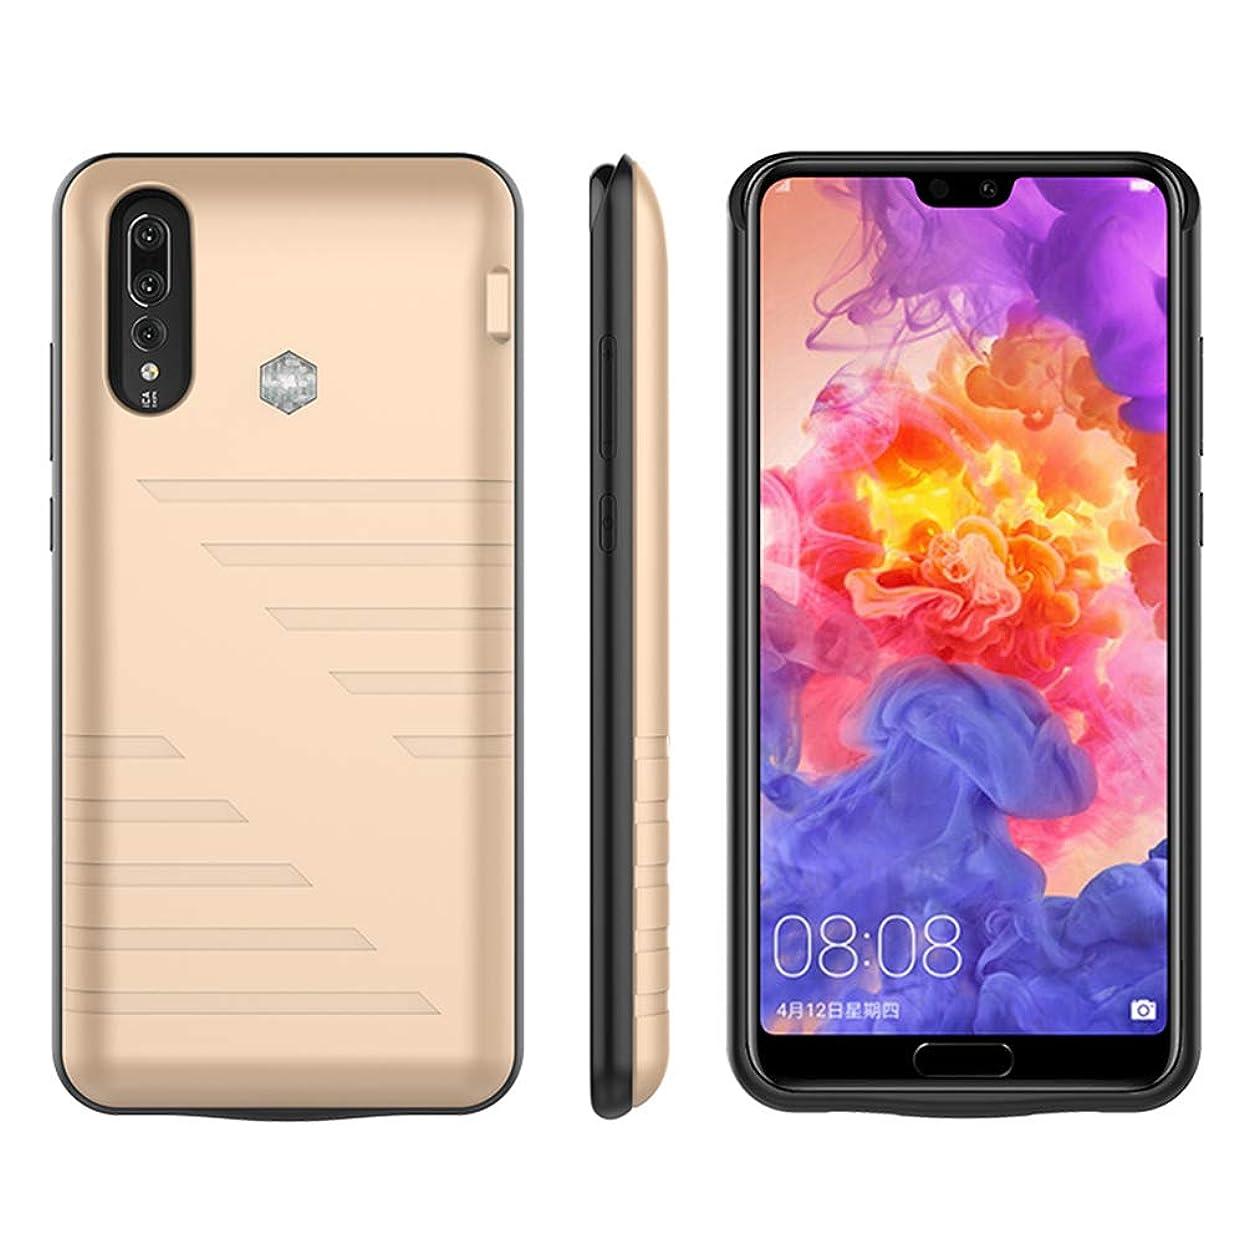 シェーバーマングルまっすぐMoonmini Huawei P20 6800mAh バッテリー内蔵ケース対応、6800mAh 超大容量 バッテリーケース 充電ケース 充電器 薄型 軽量 急速充電 ケース型バッテリー 超便利 Huawei P20 6800mAh適応battery case-Golden